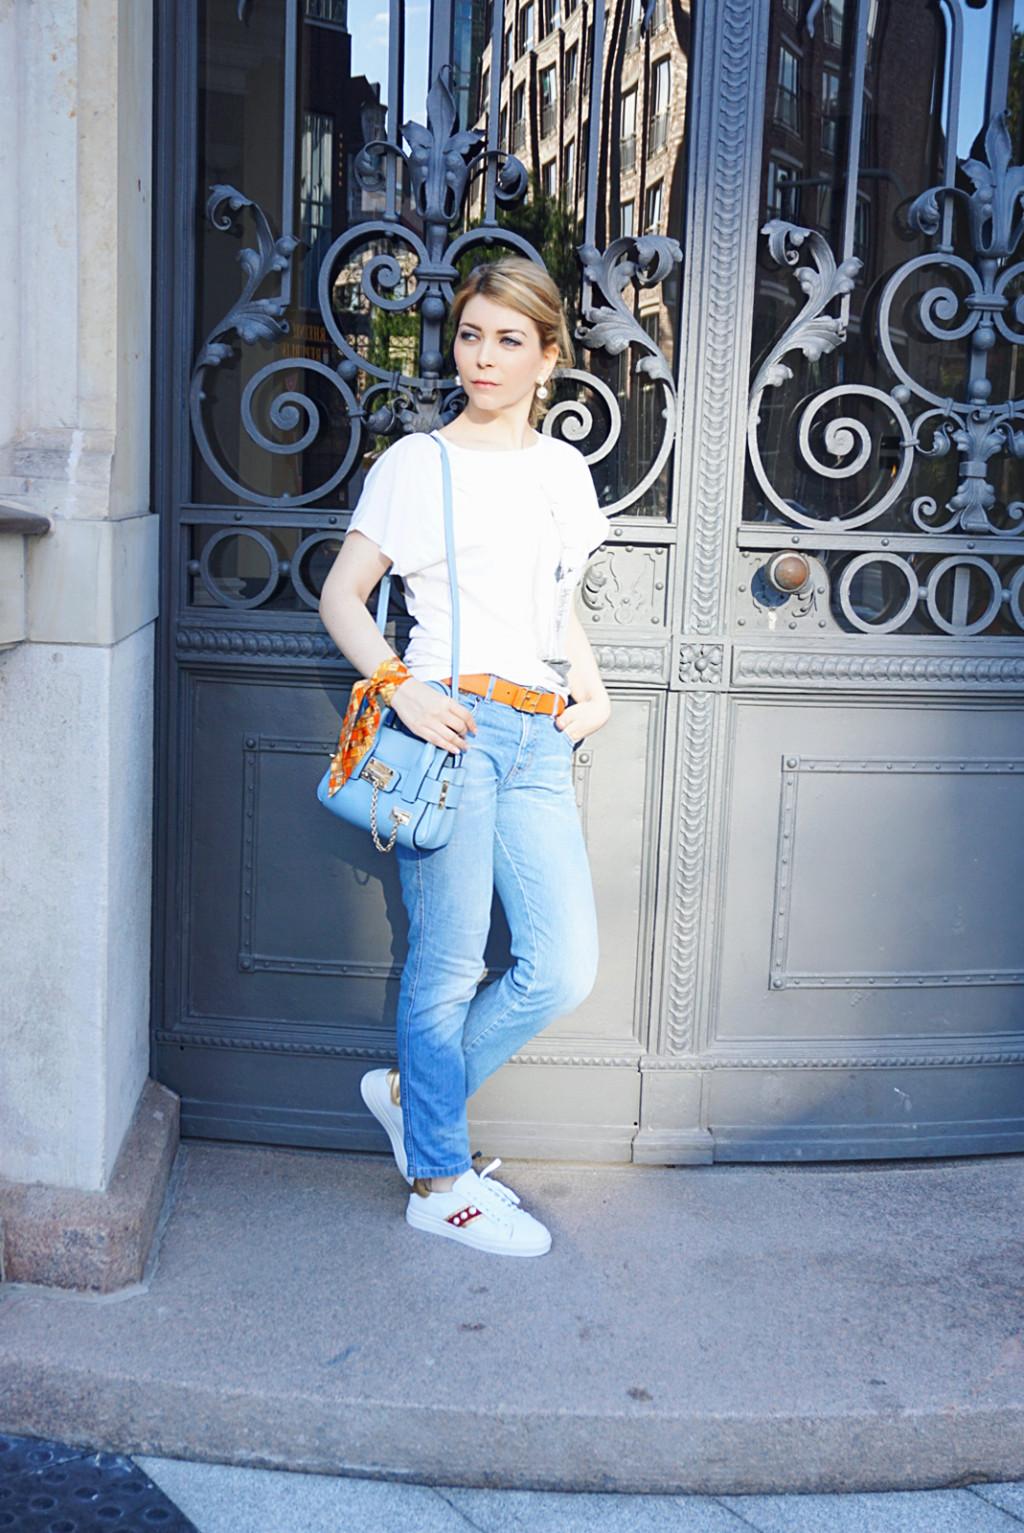 Casual Outfit - Embellished Sneakers - Yuliya Savytska